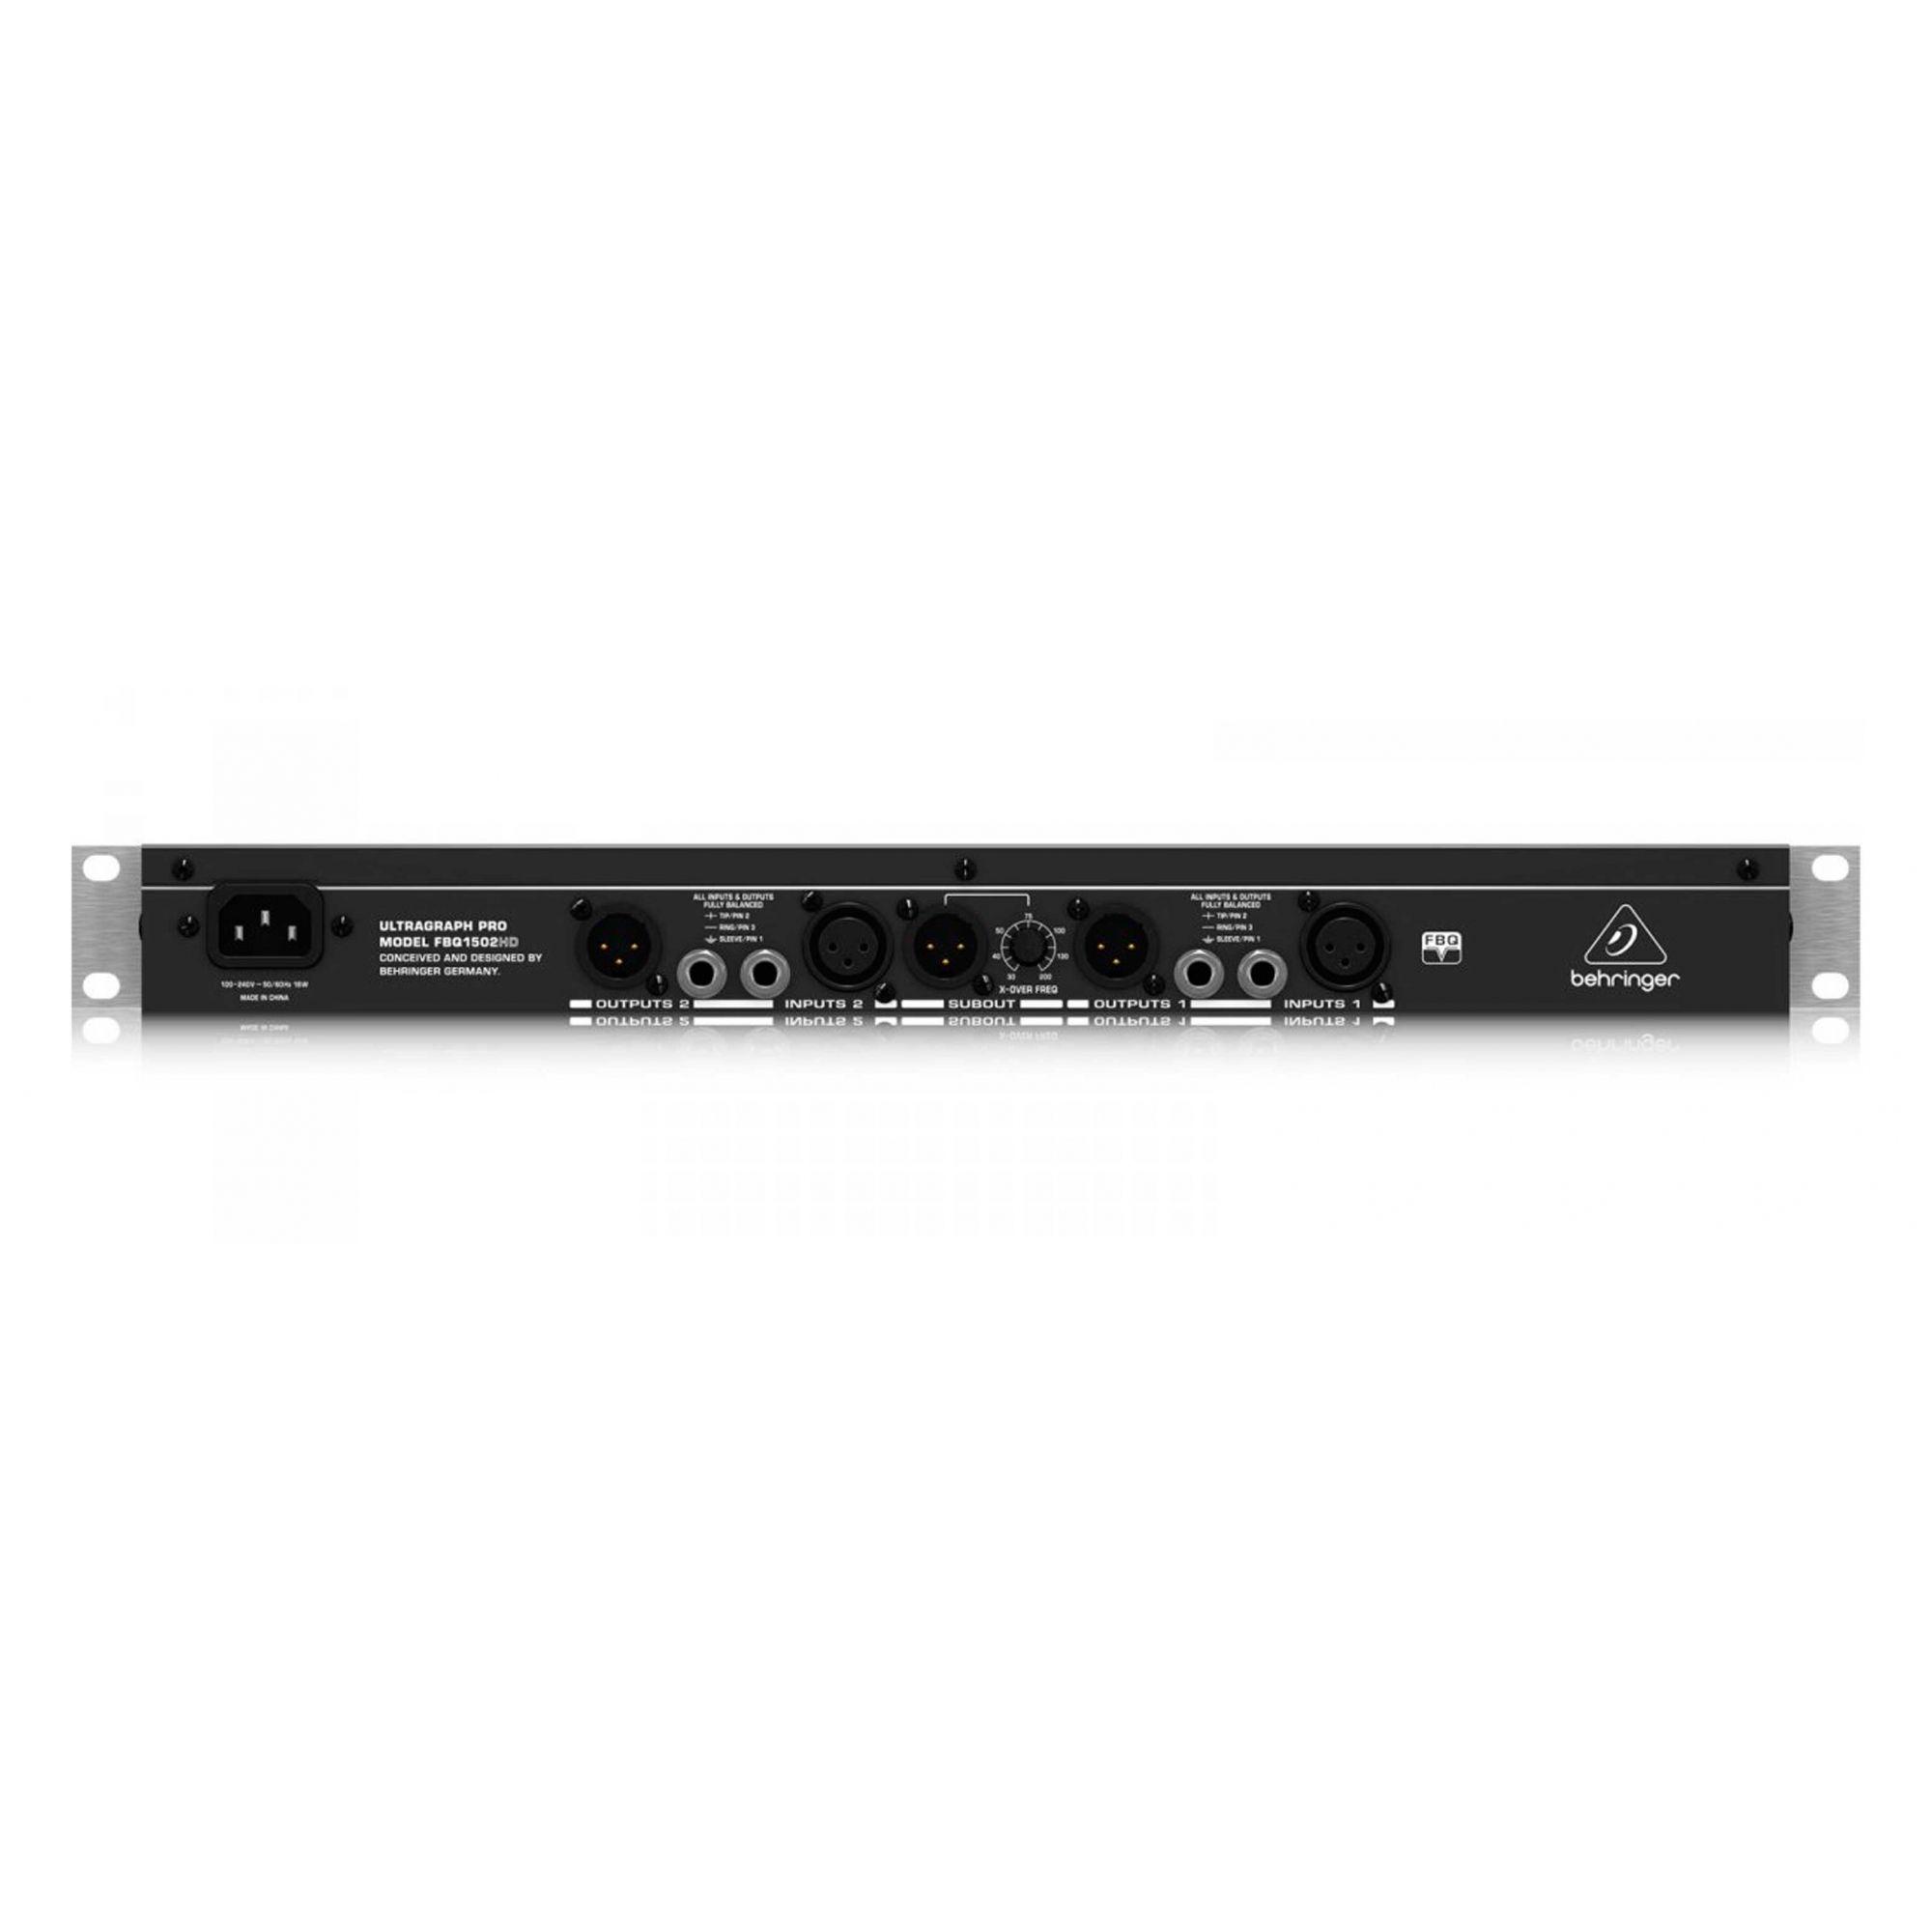 Equalizador estéreo 15 bandas Behringer FBQ1502HD